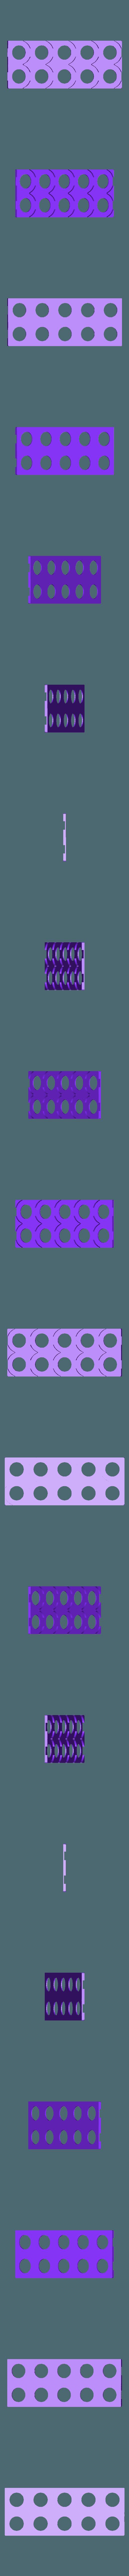 oathmark tray 25mm rnd hollow.stl Télécharger fichier STL gratuit Plateaux de mouvement Oathmark - Plateau de mouvement Wargaming • Modèle à imprimer en 3D, Wrecker